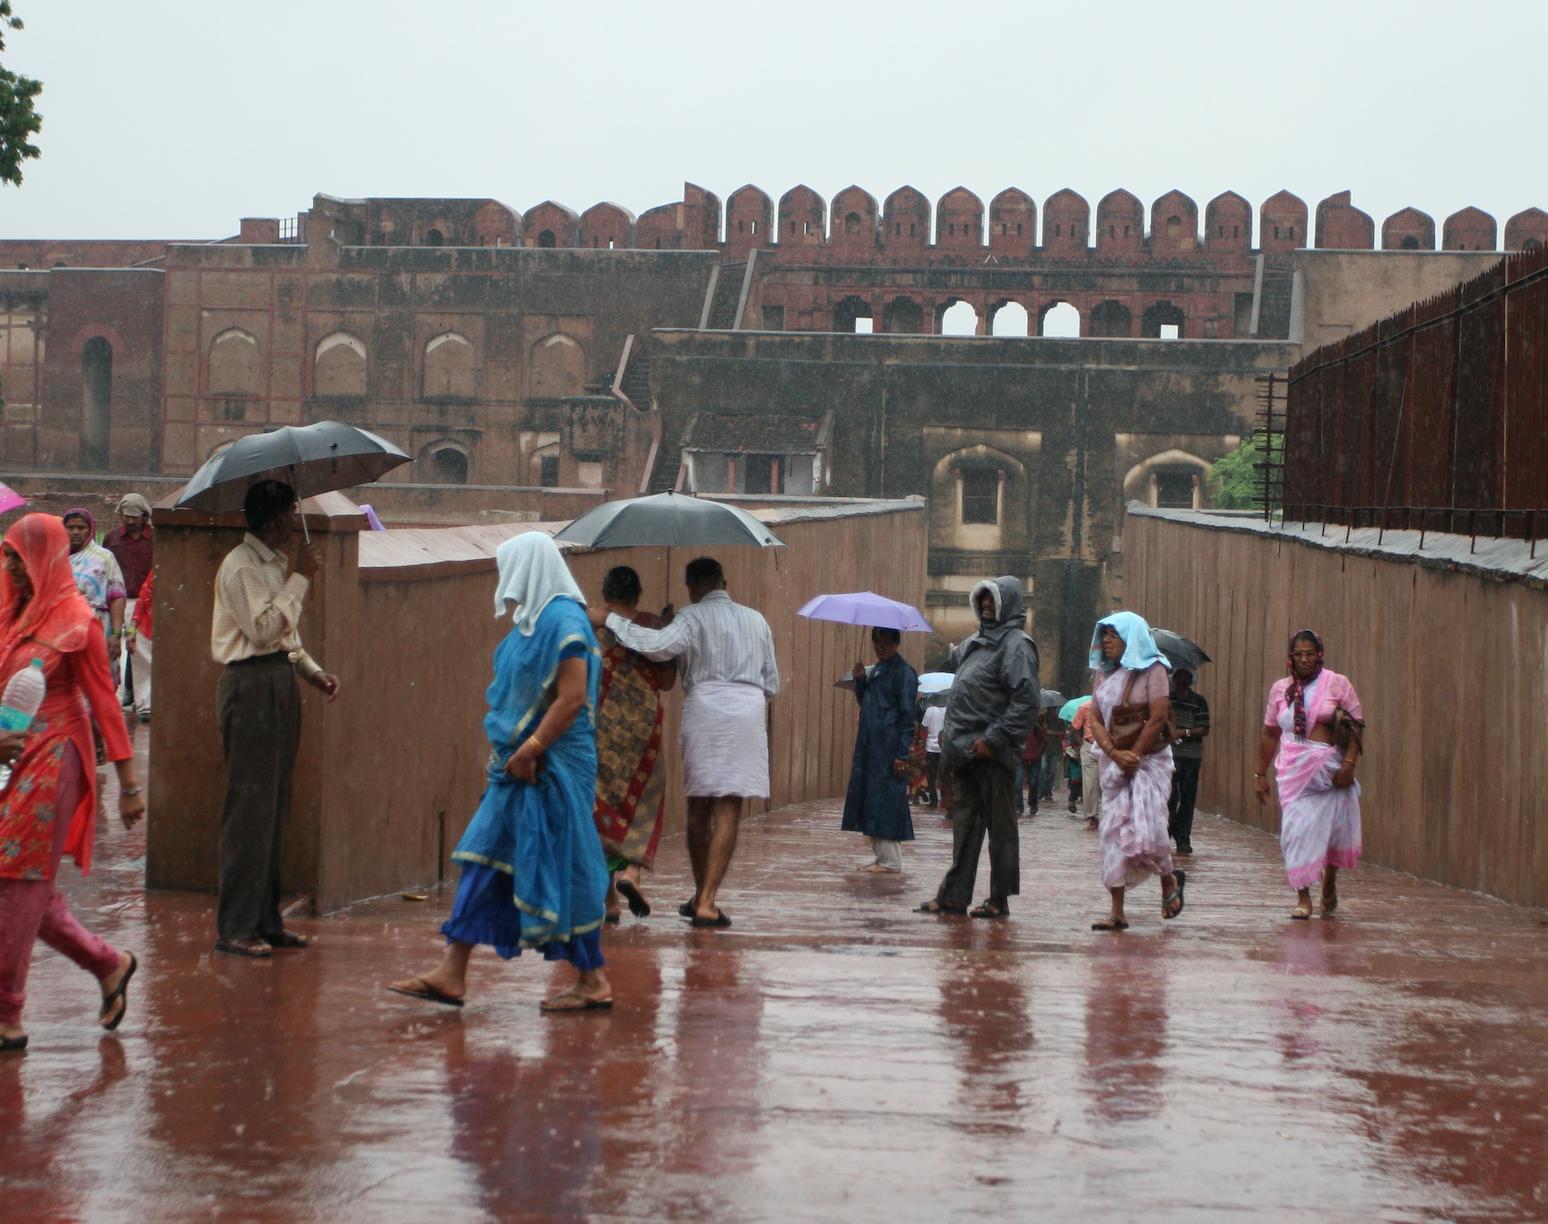 Agra Fort har en 2,5km lang mur rundt det som var den keiserlige hovedstaden.